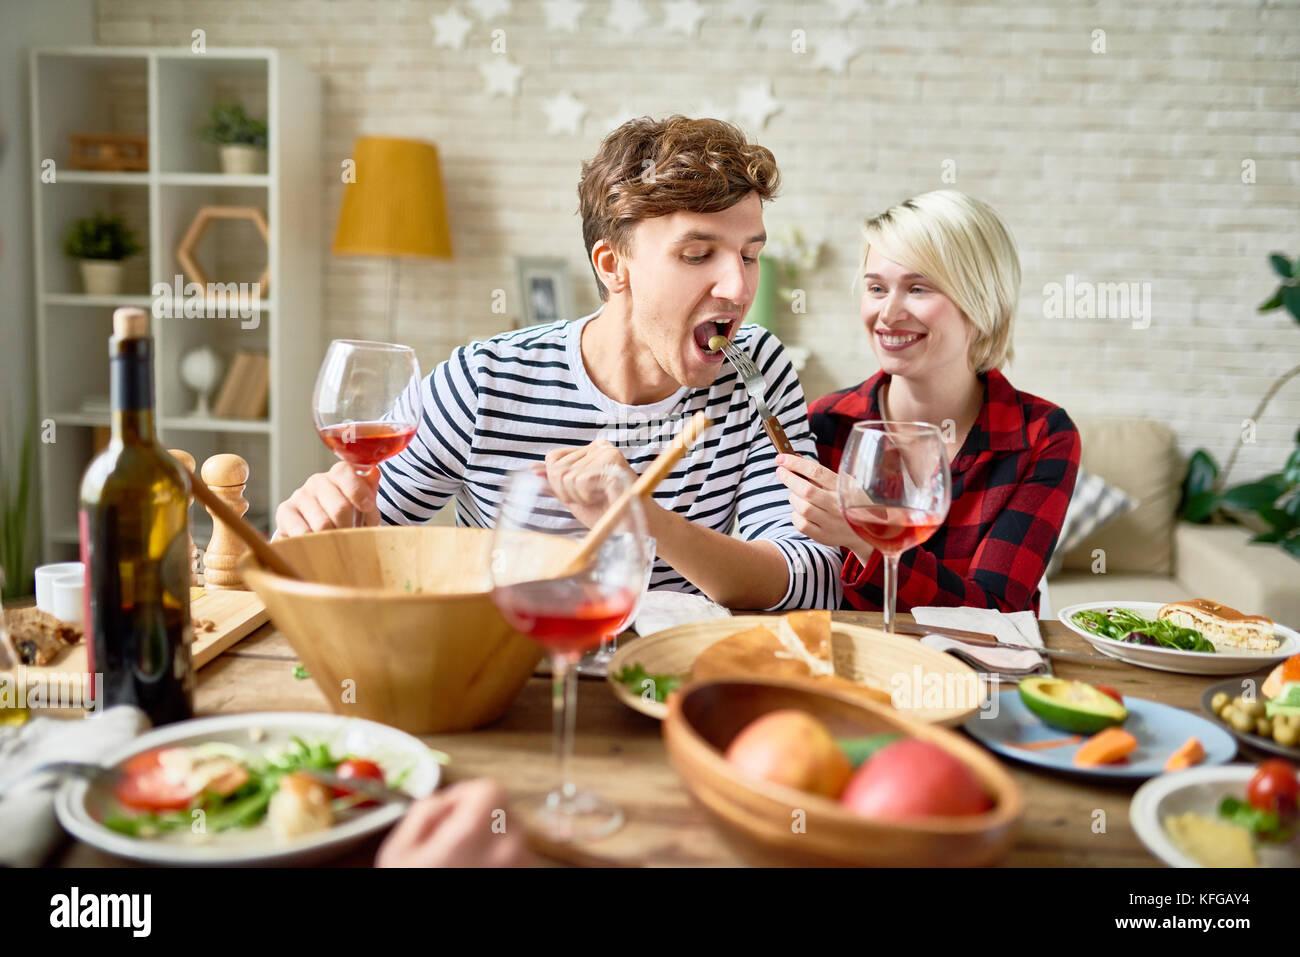 Glückliches junges Paar bei festlichen Tisch Stockbild